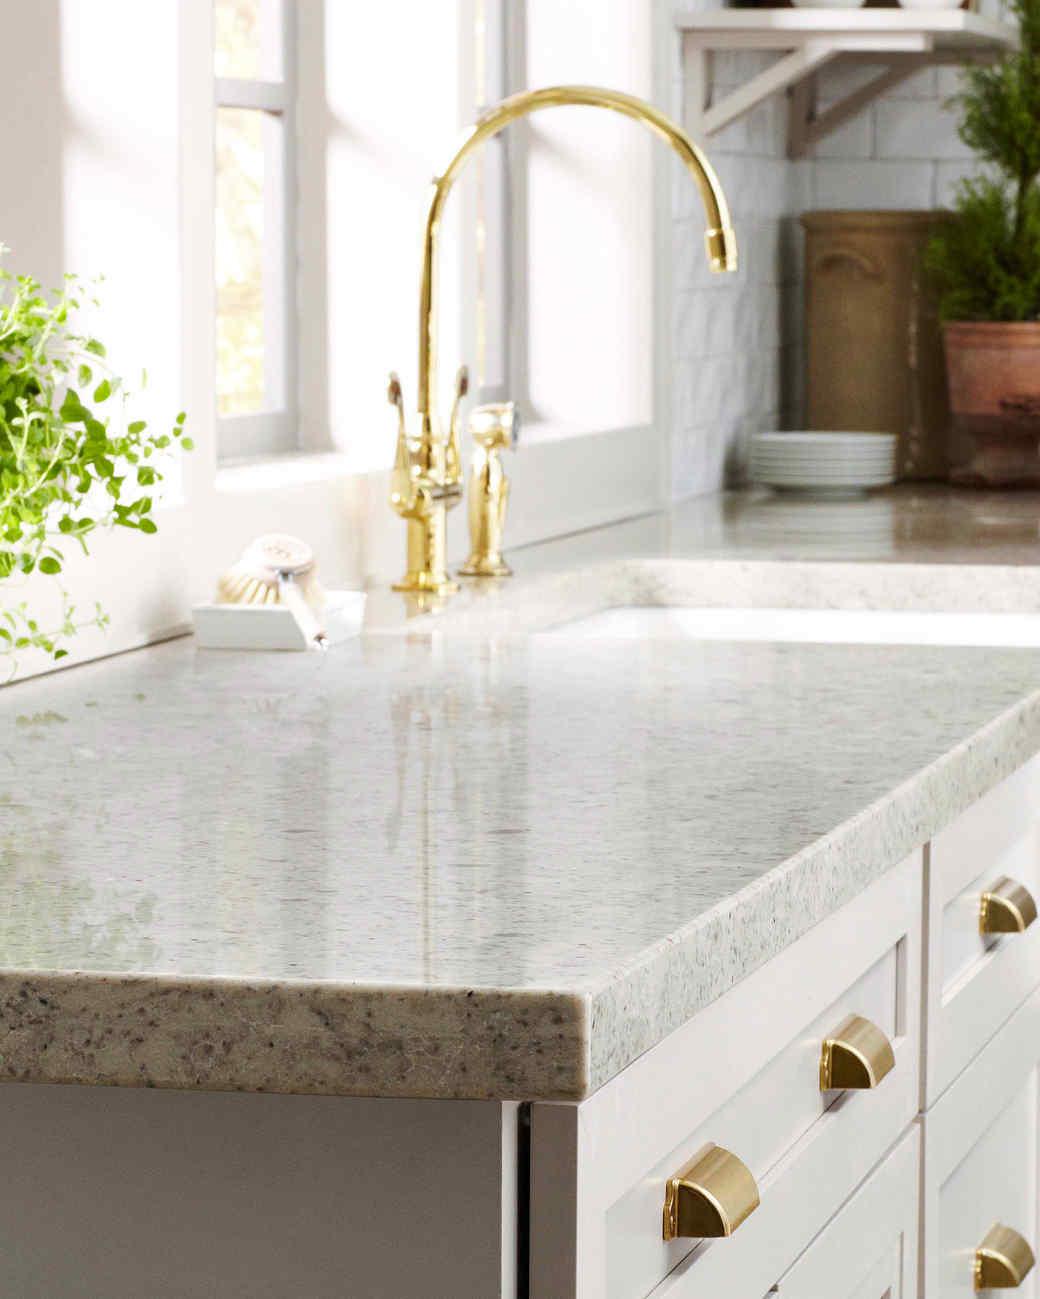 Home Depot Quartz and Corian Countertops Martha Stewart